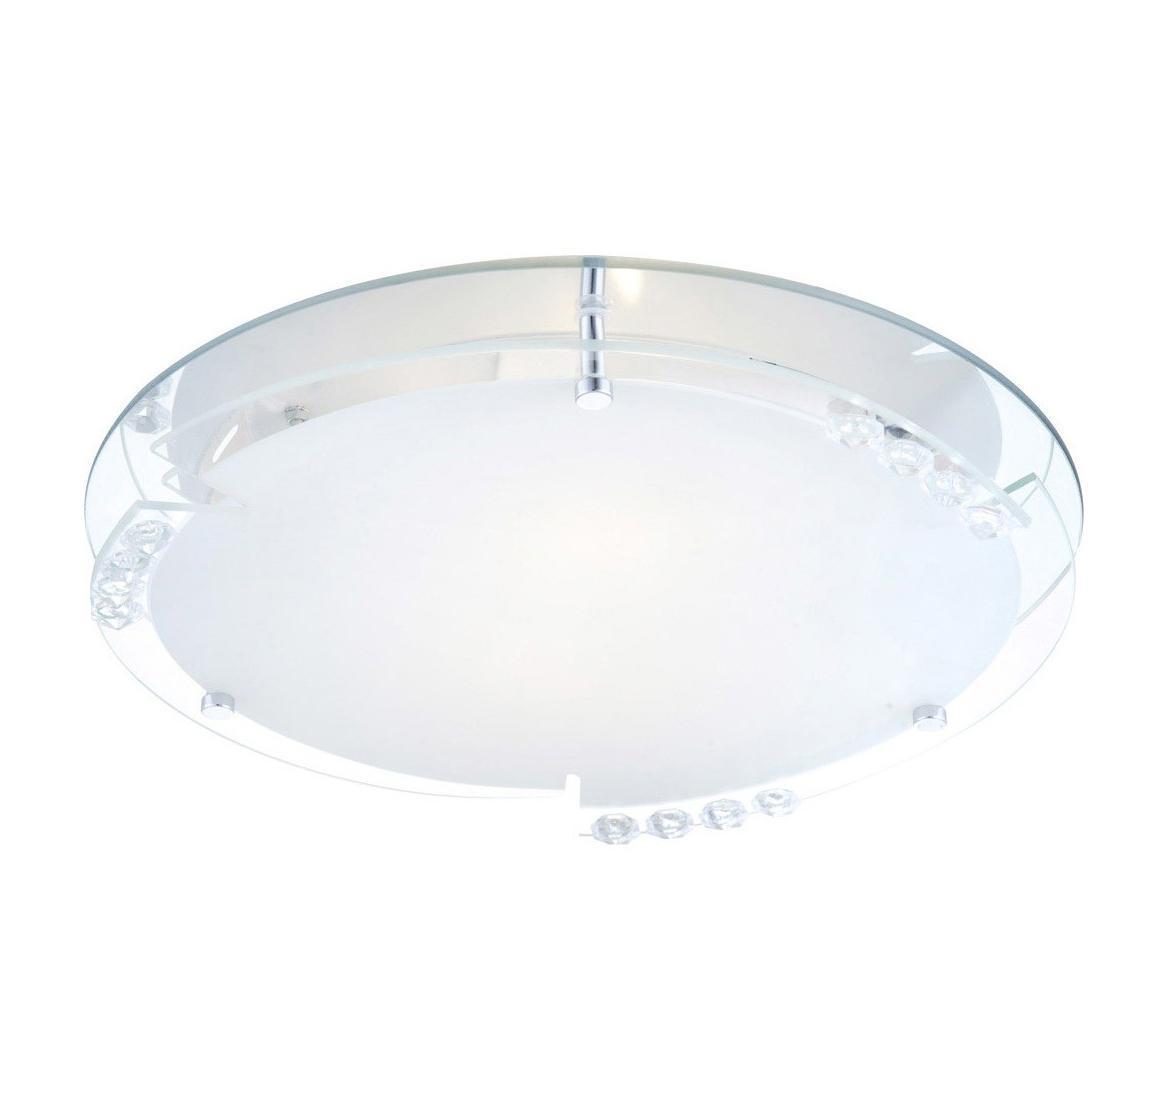 48073-2 Потолочный светильник ARMENA48073-2Globo Светильник настенно-потолочный 48073-2. Оригинальность конструкции плафона данной модели выделяет ее из множества подобных и сразу же привлекает внимание. Круглый плафон с прозрачными украшениями имеет составной тип конструкции, которая позволяет расположить его как на стене, так и на потолке. Матовое стекло немного приглушает свет, делая его приятным для глаз. Лампы со стандартным цоколем легко найти в продаже и заменить при возникновении такой необходимости. Электроприбор отлично подходит для освещения определенной зоны, и выполняет свою главную функцию,- украсить жилое пространство.